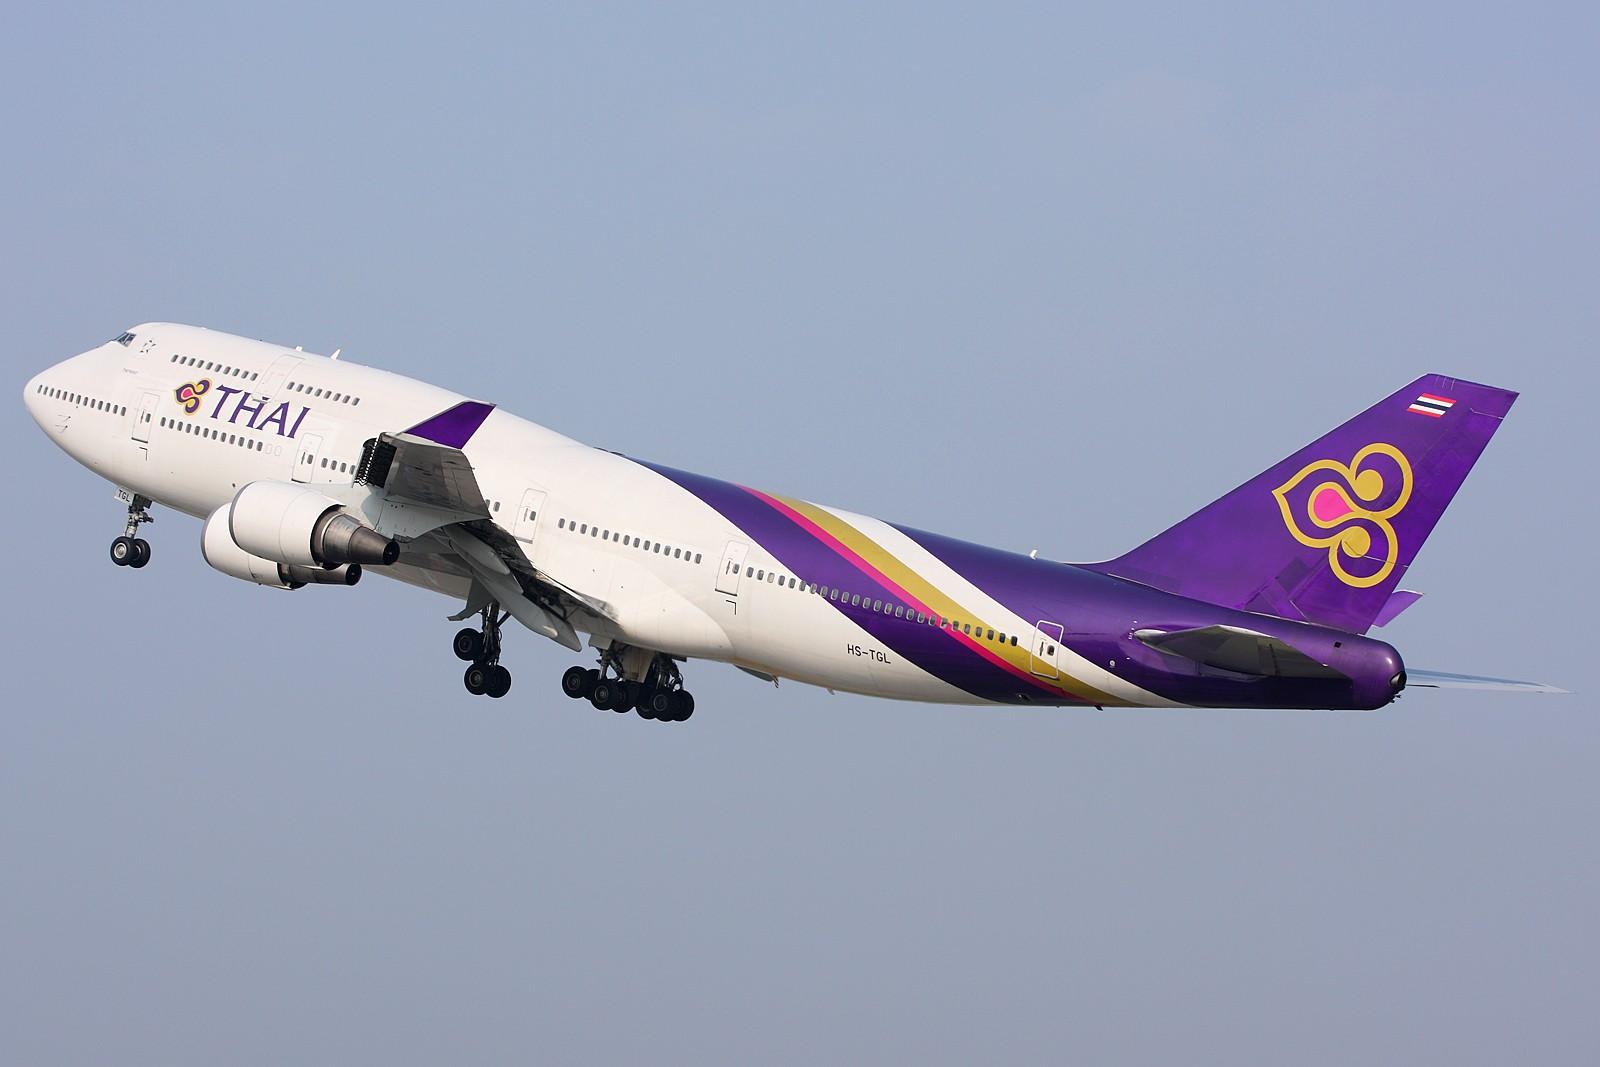 [原创]【深圳飞友会】经典角度起飞的两架B747,配上1600大图看的更加爽。 BOEING 747-400 HS-TGL 中国广州白云机场